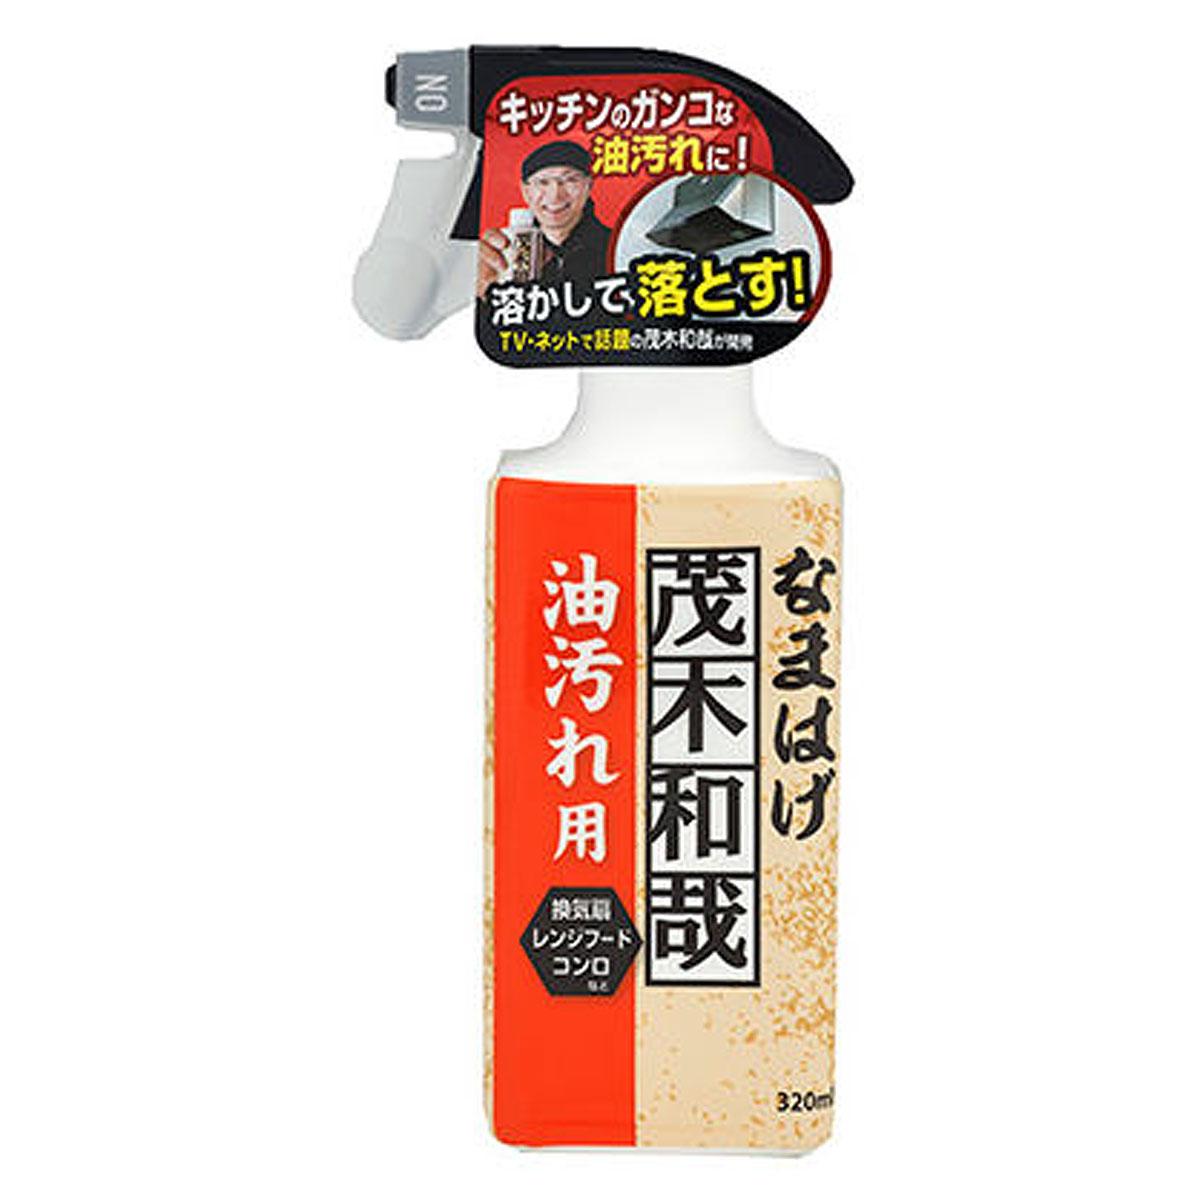 洗剤・柔軟剤・クリーナー, キッチン用洗剤  320ml C00250LECSBT (6041977)